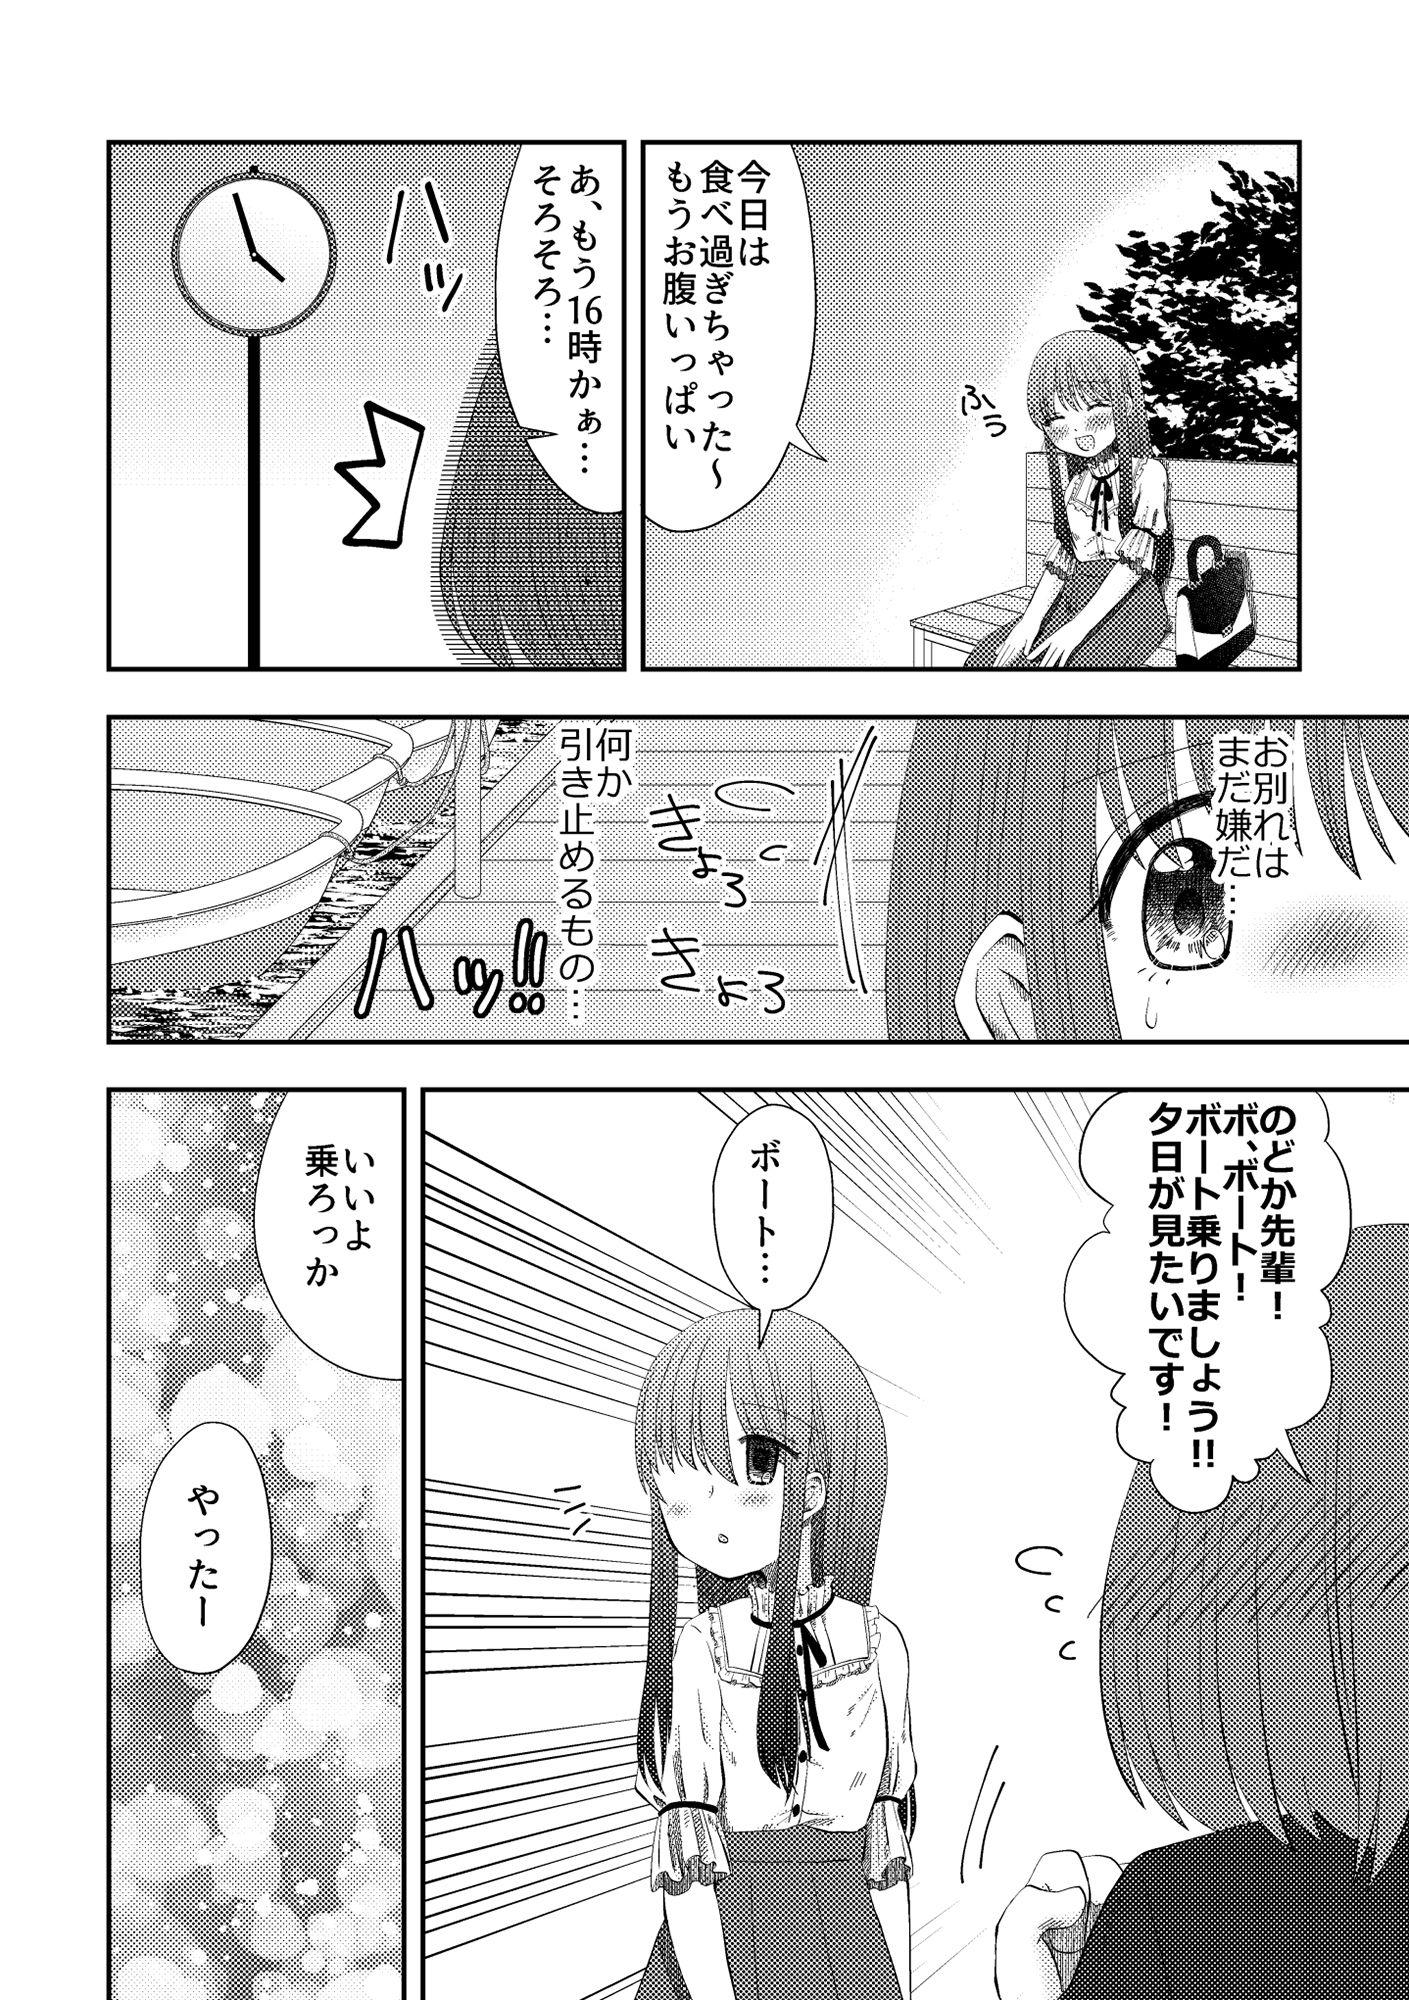 サンプル画像5:嘔吐ふぇち(偏頭痛) [d_194377]